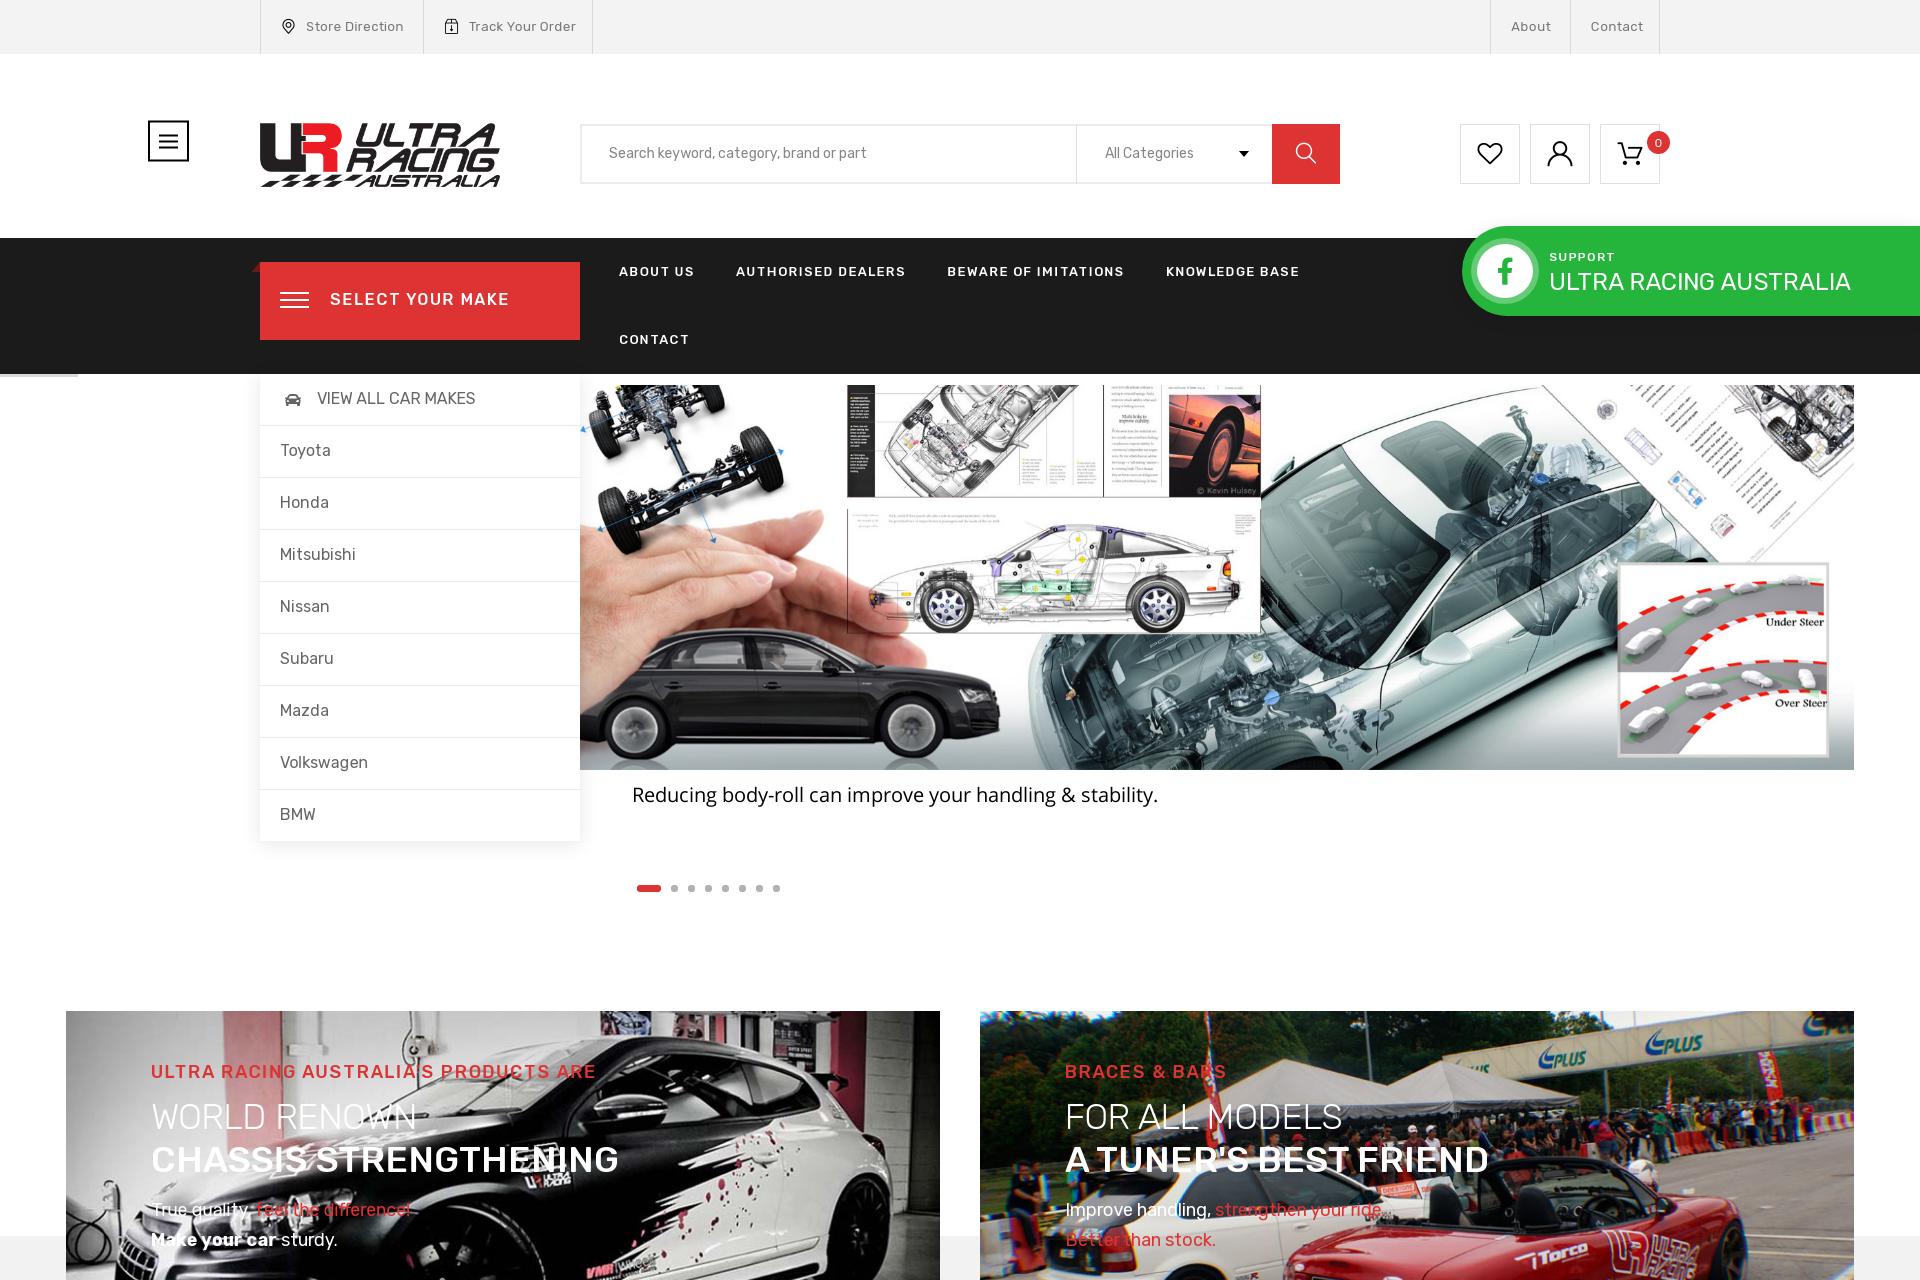 ultra-racing-australia-website